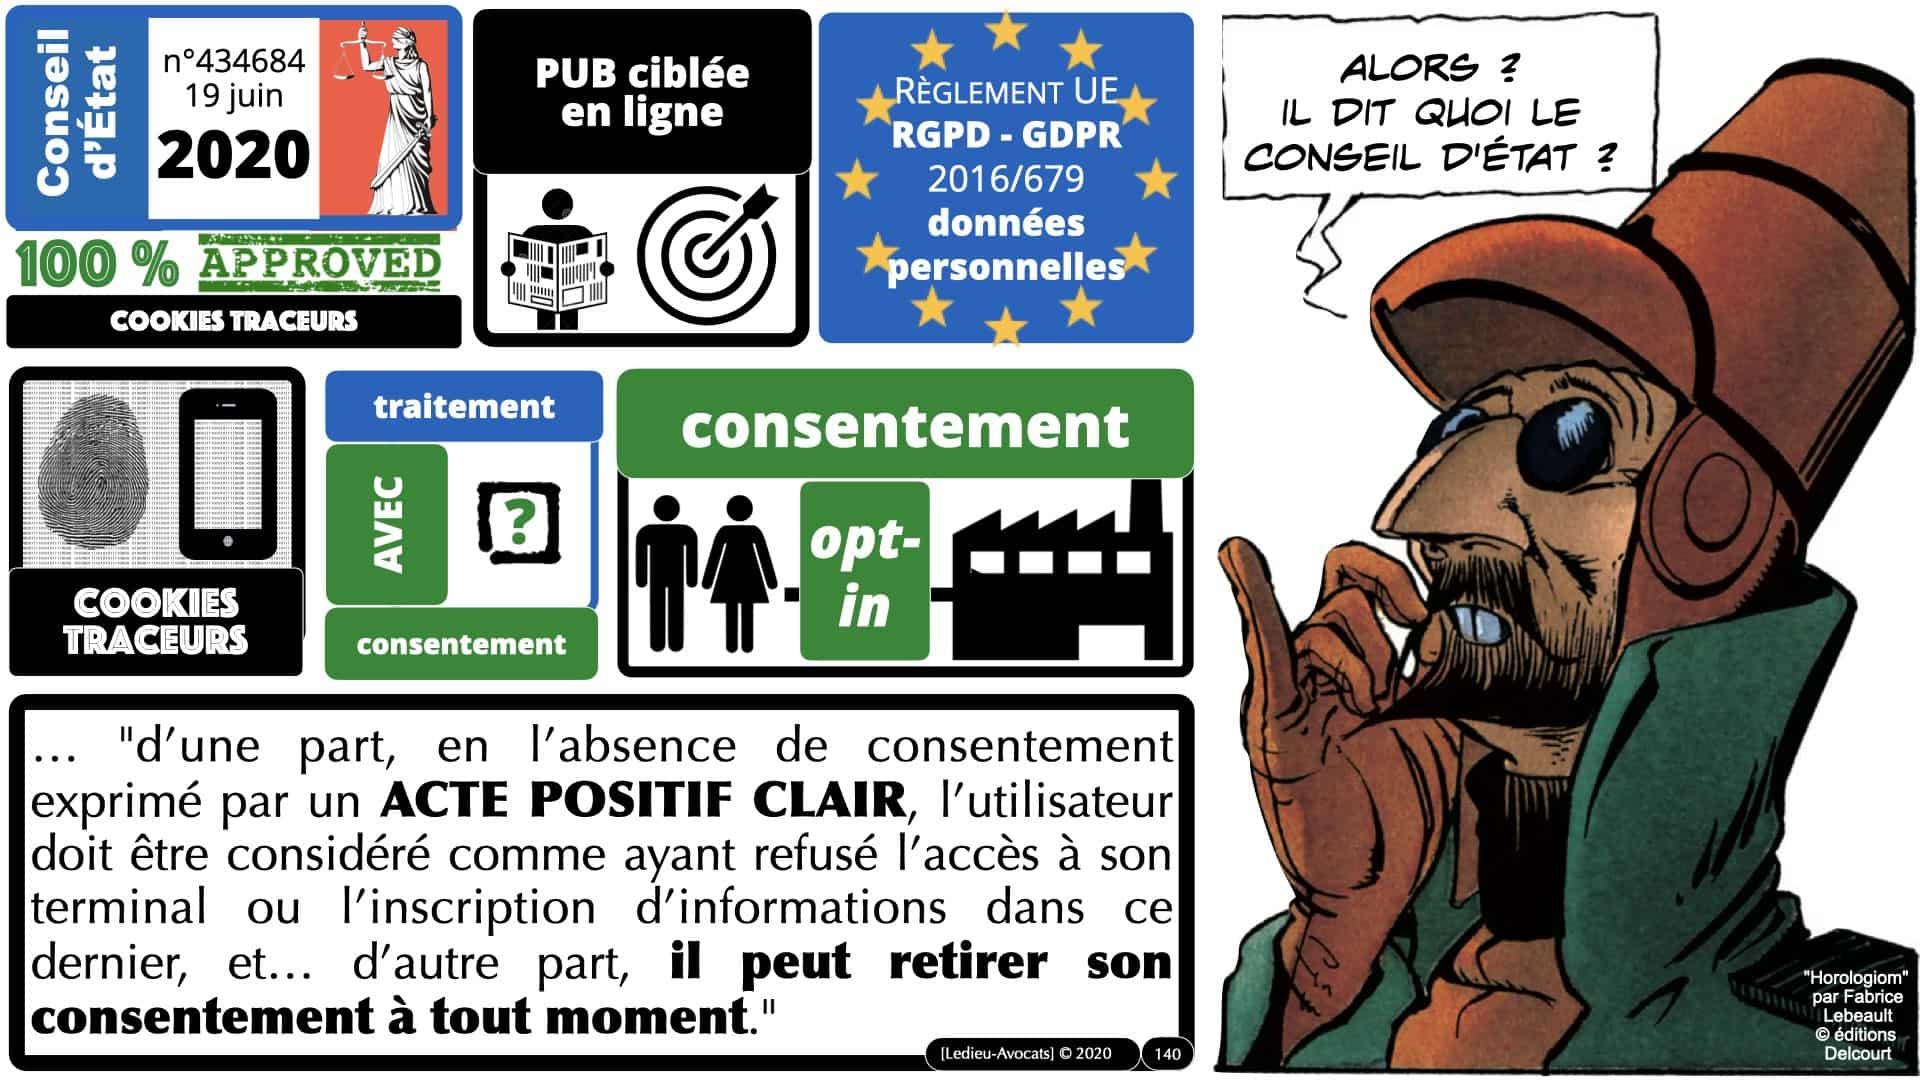 RGPD e-Privacy données personnelles jurisprudence formation Lamy Les Echos 10-02-2021 ©Ledieu-Avocats.140